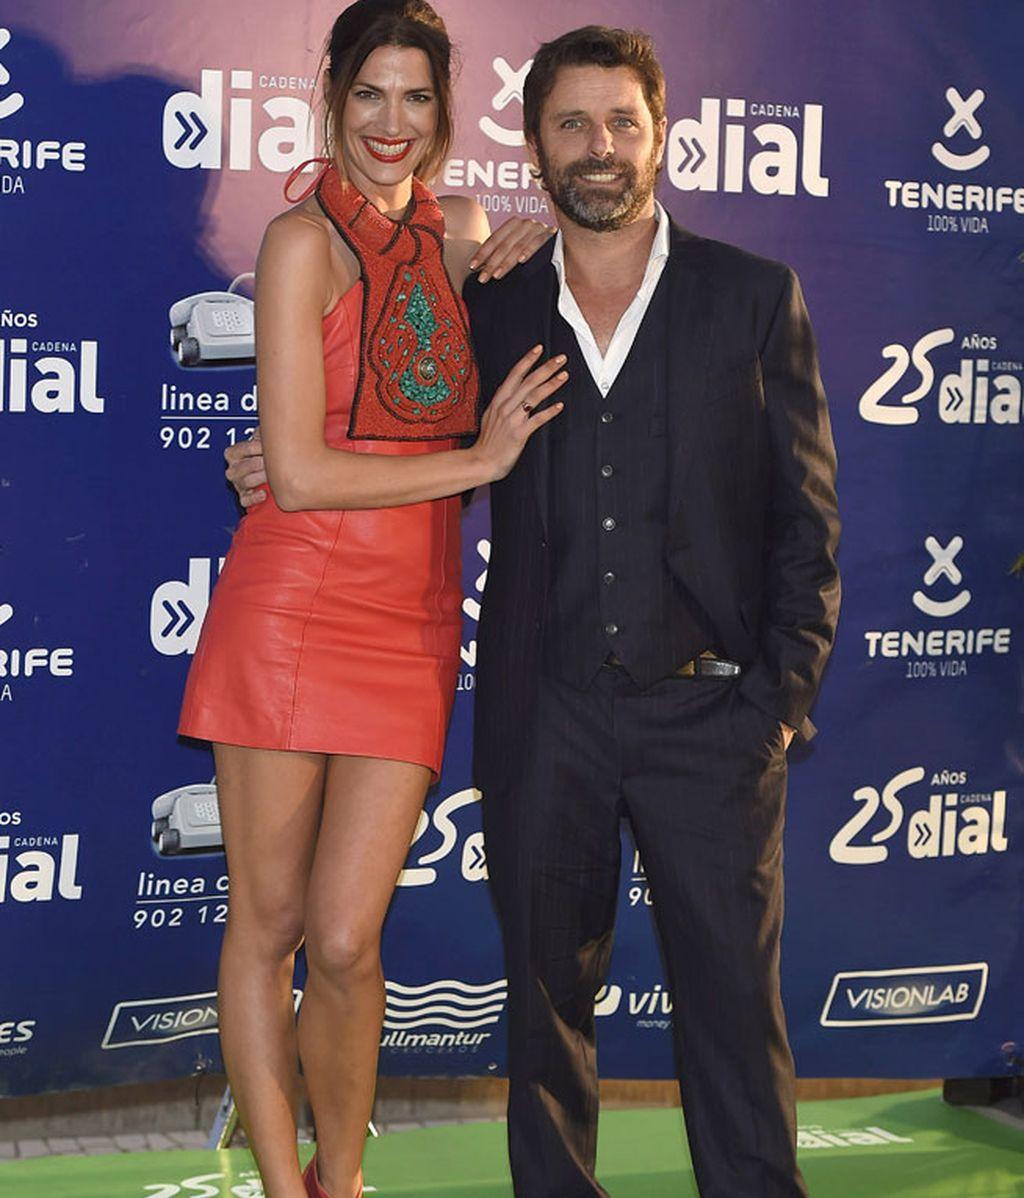 Muy sonrientes, Laura Sánchez y David Ascanio